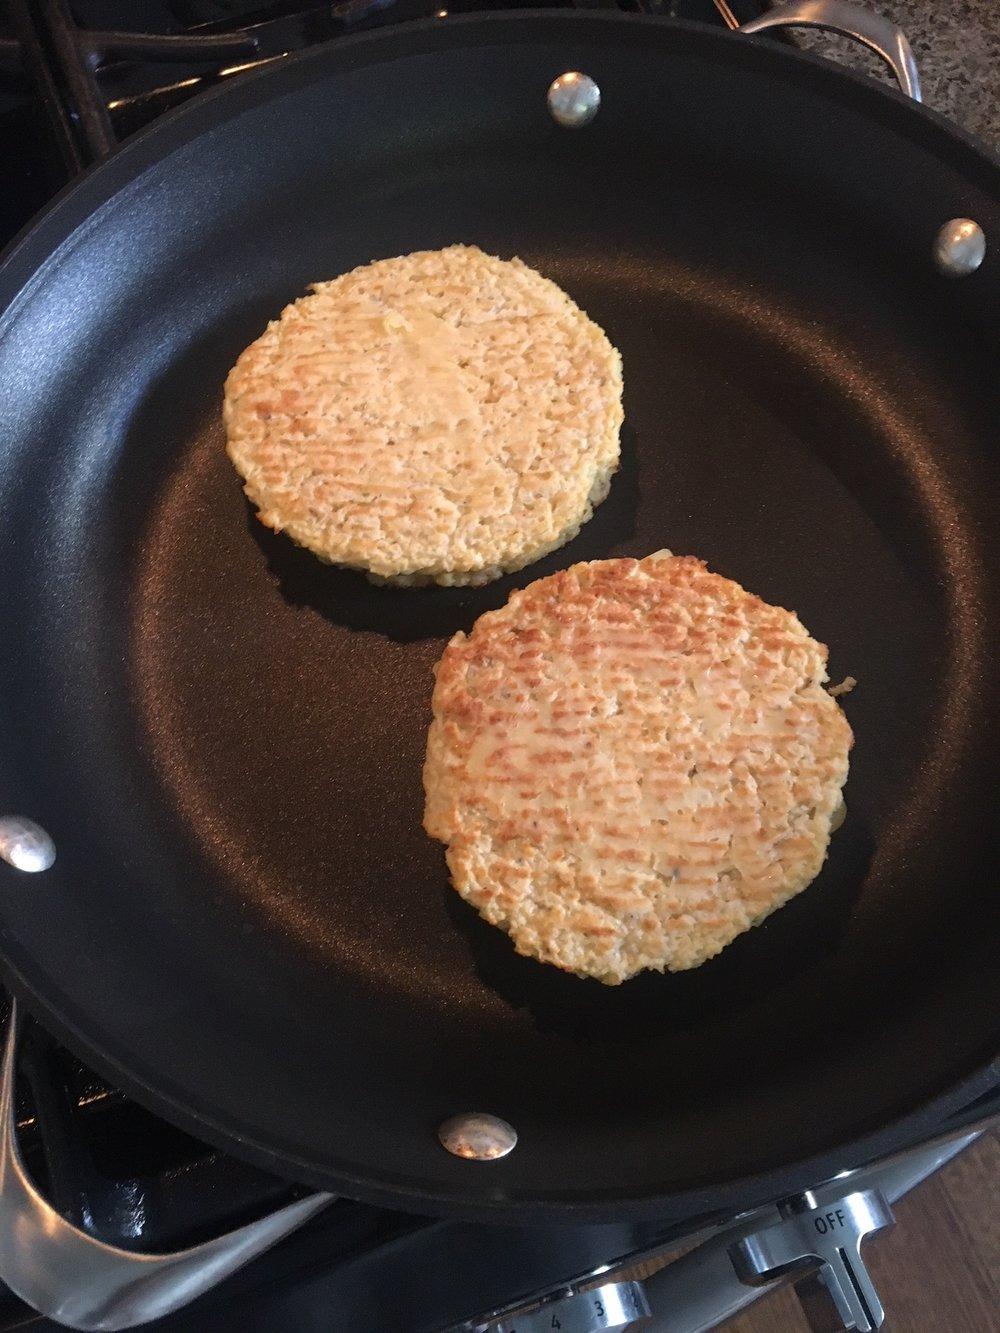 frying cauliflower bread.jpg